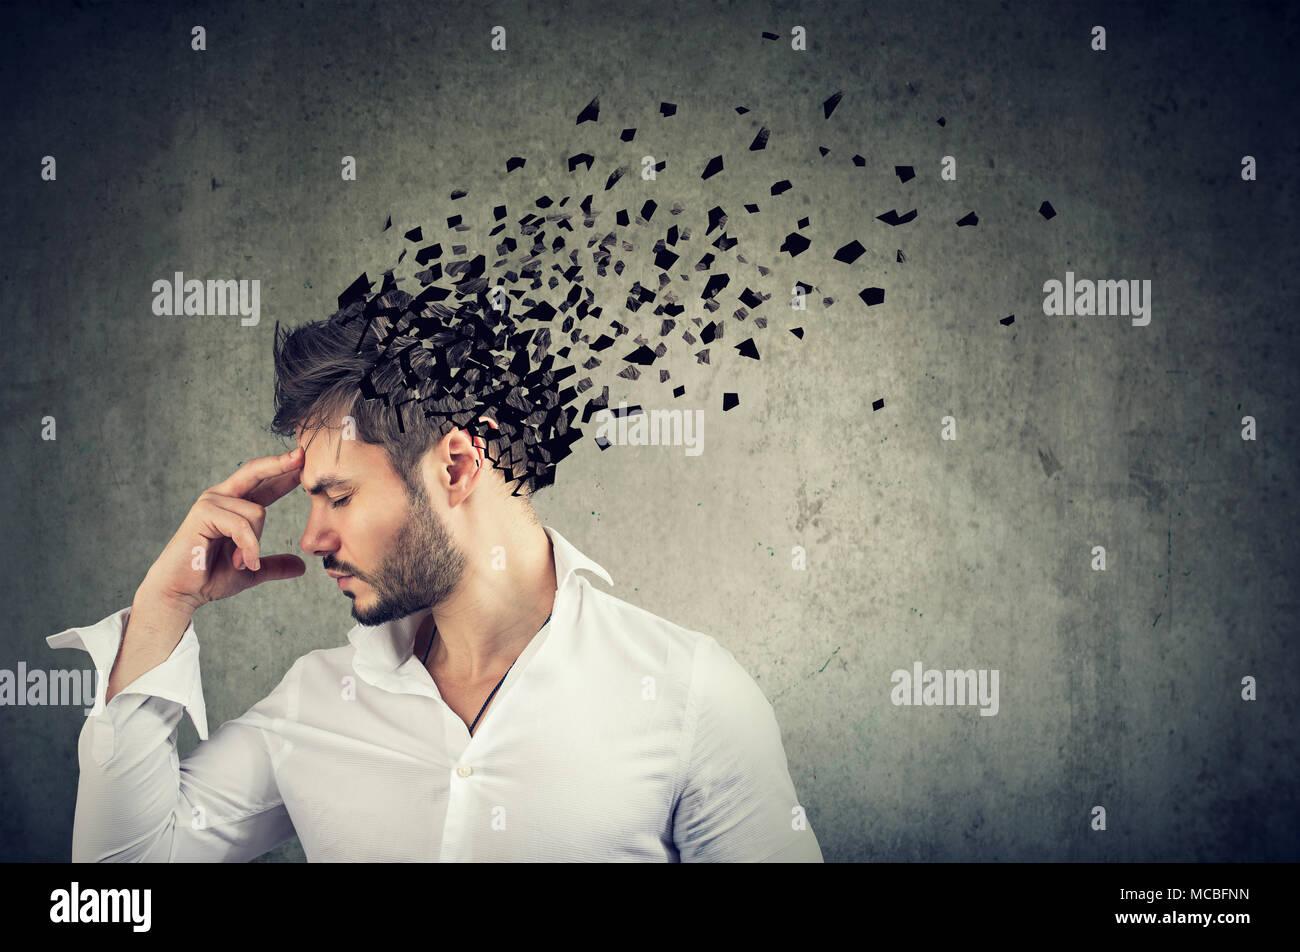 La perdita di memoria a causa di demenza o danni cerebrali. Profilo laterale di un uomo di perdere parti di testa come simbolo della diminuita funzione della mente. Immagini Stock